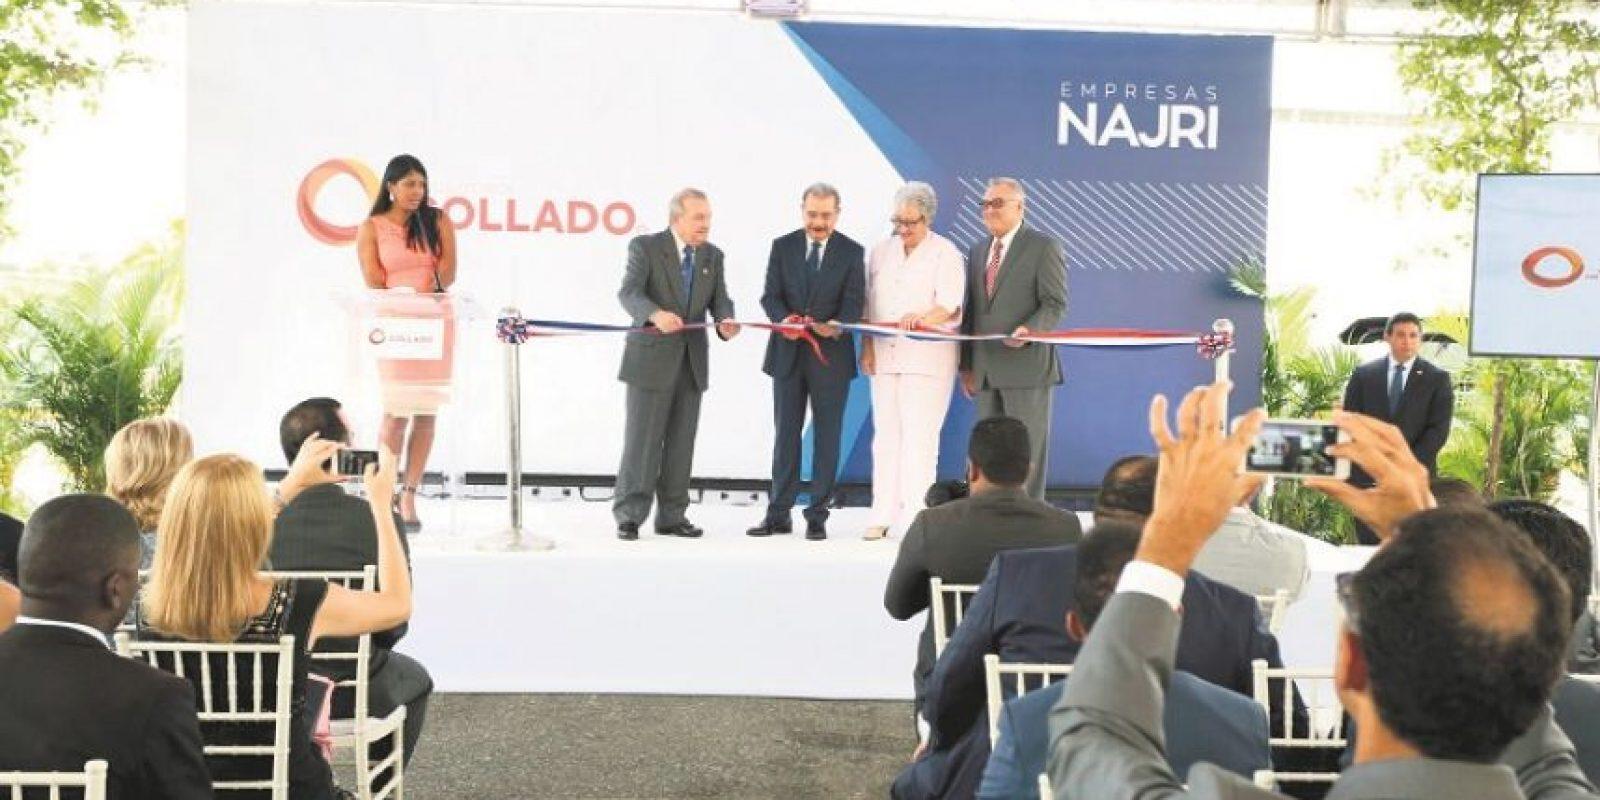 El presidente Danilo Medina corta la cinta inaugural de esta nueva planta. Le acompañan José Antonio y Marcial Najri junto a la ministra de Salud, Altagracia Guzmán Marcelino. Foto:Fuente externa